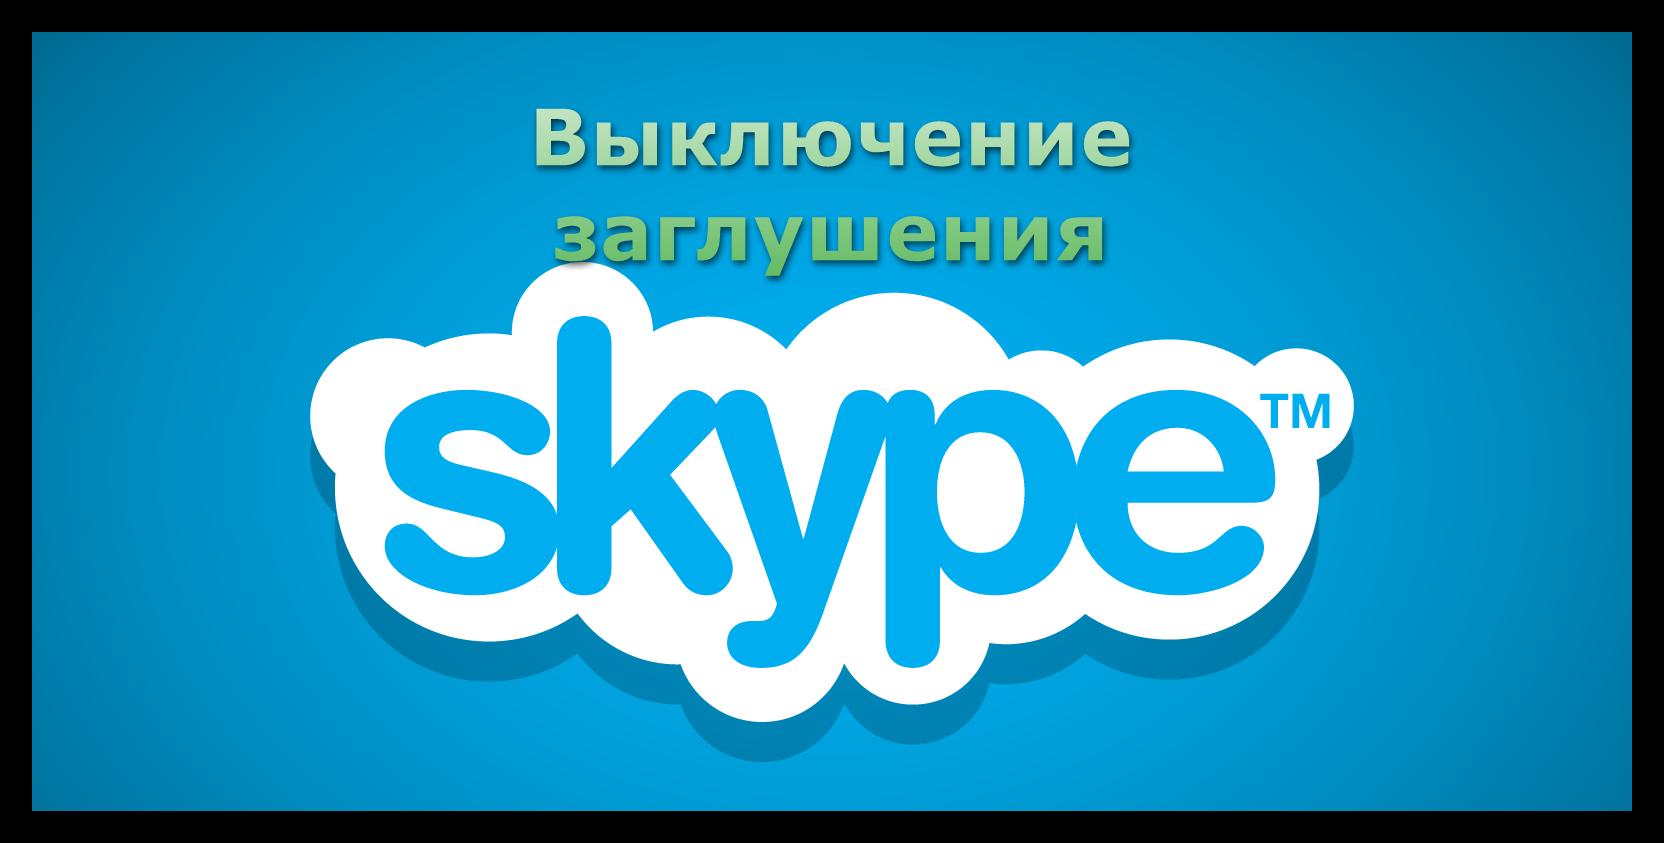 Картинка Выключение заглушения в Skype